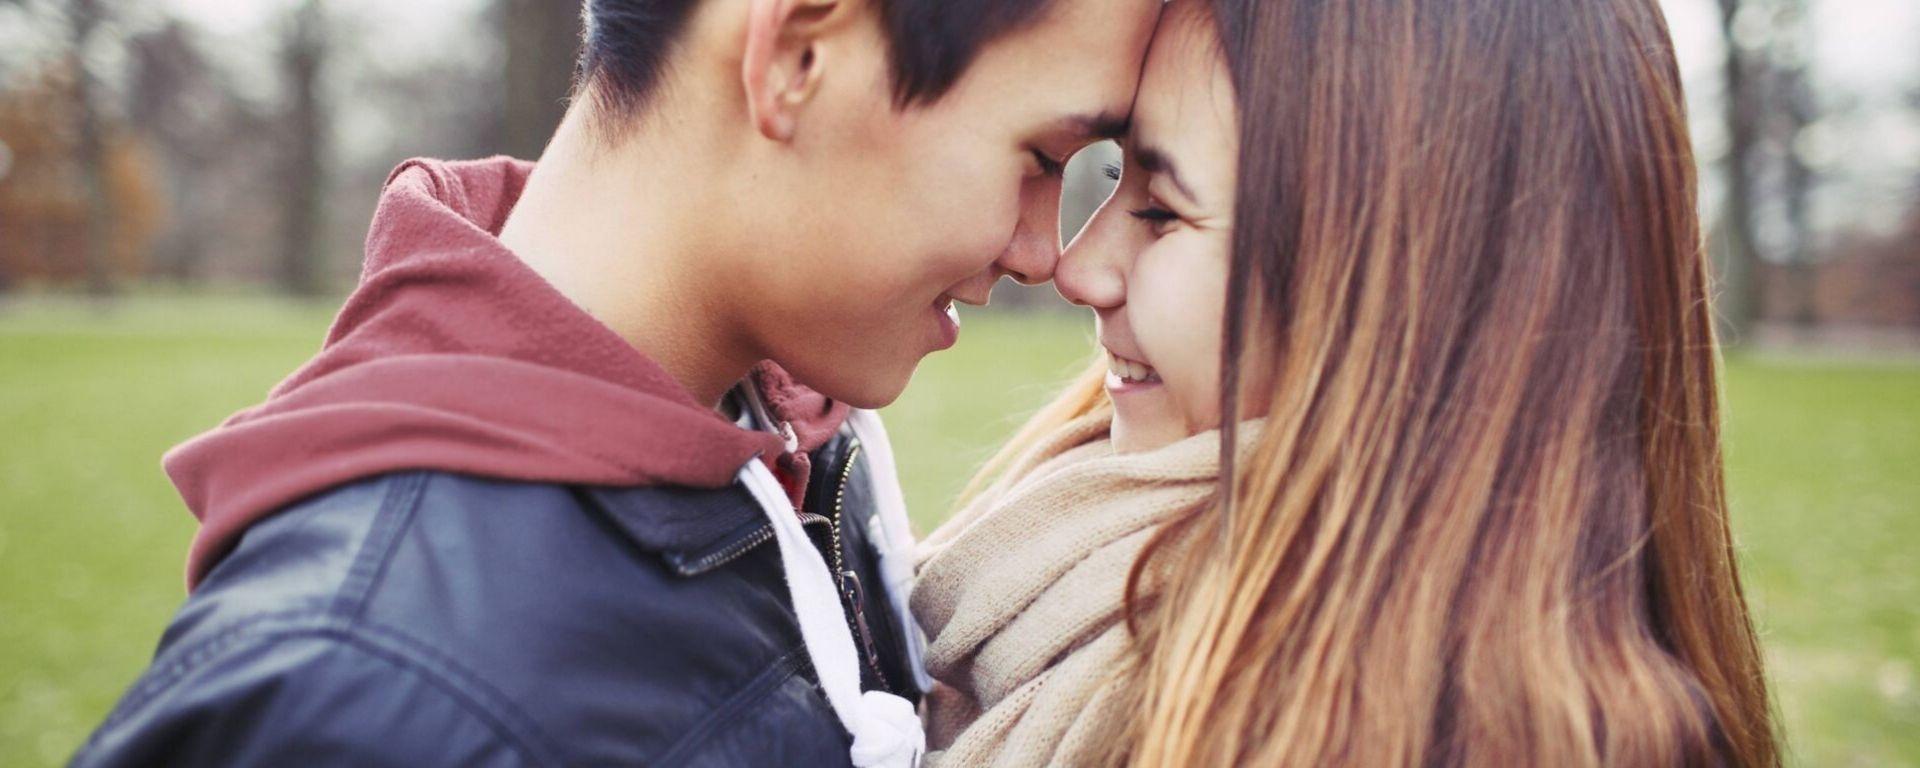 Parhaat tulokset dating sivustot